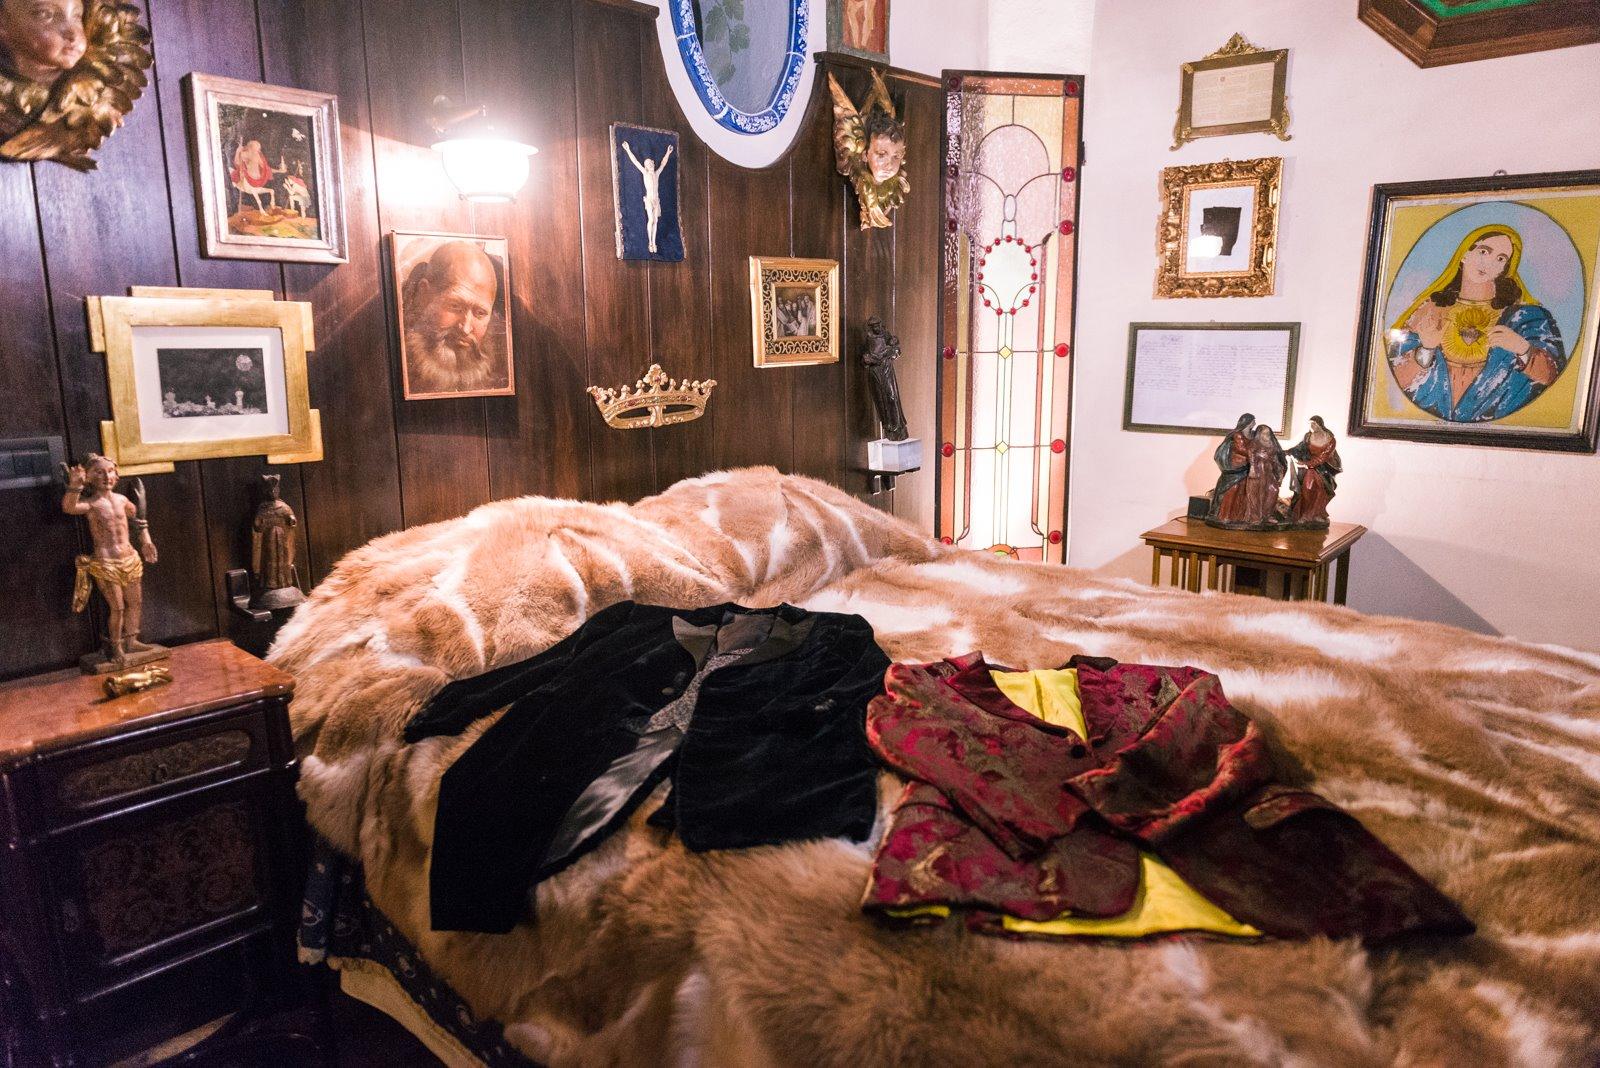 Camera da letto, foto credit pagina fb evento a casa di Lucio